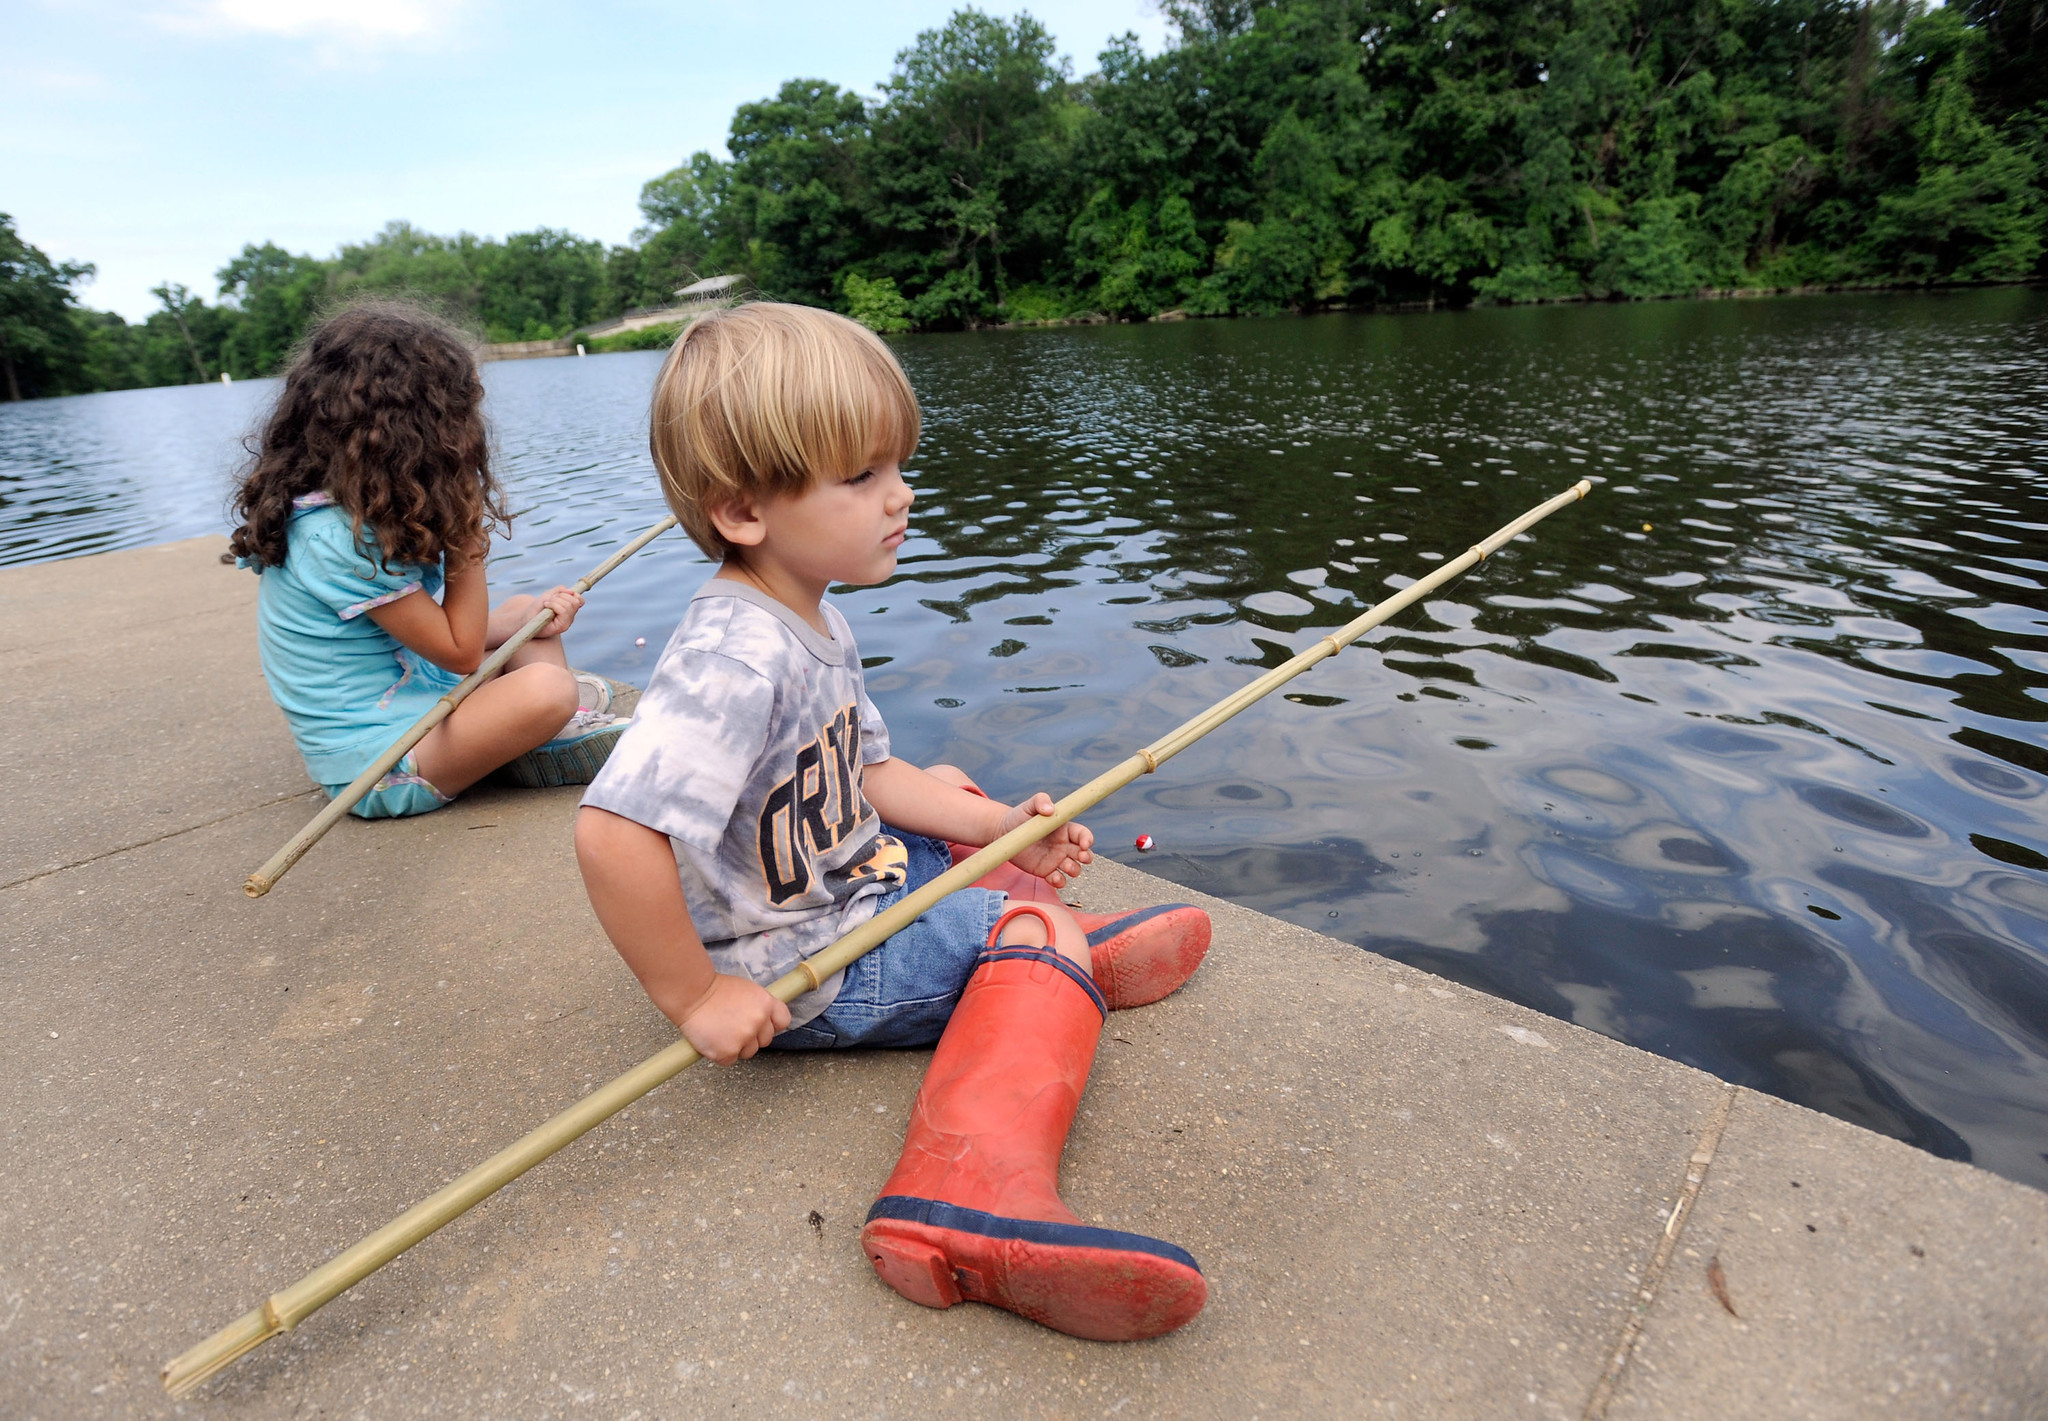 Cane Pole Fishing